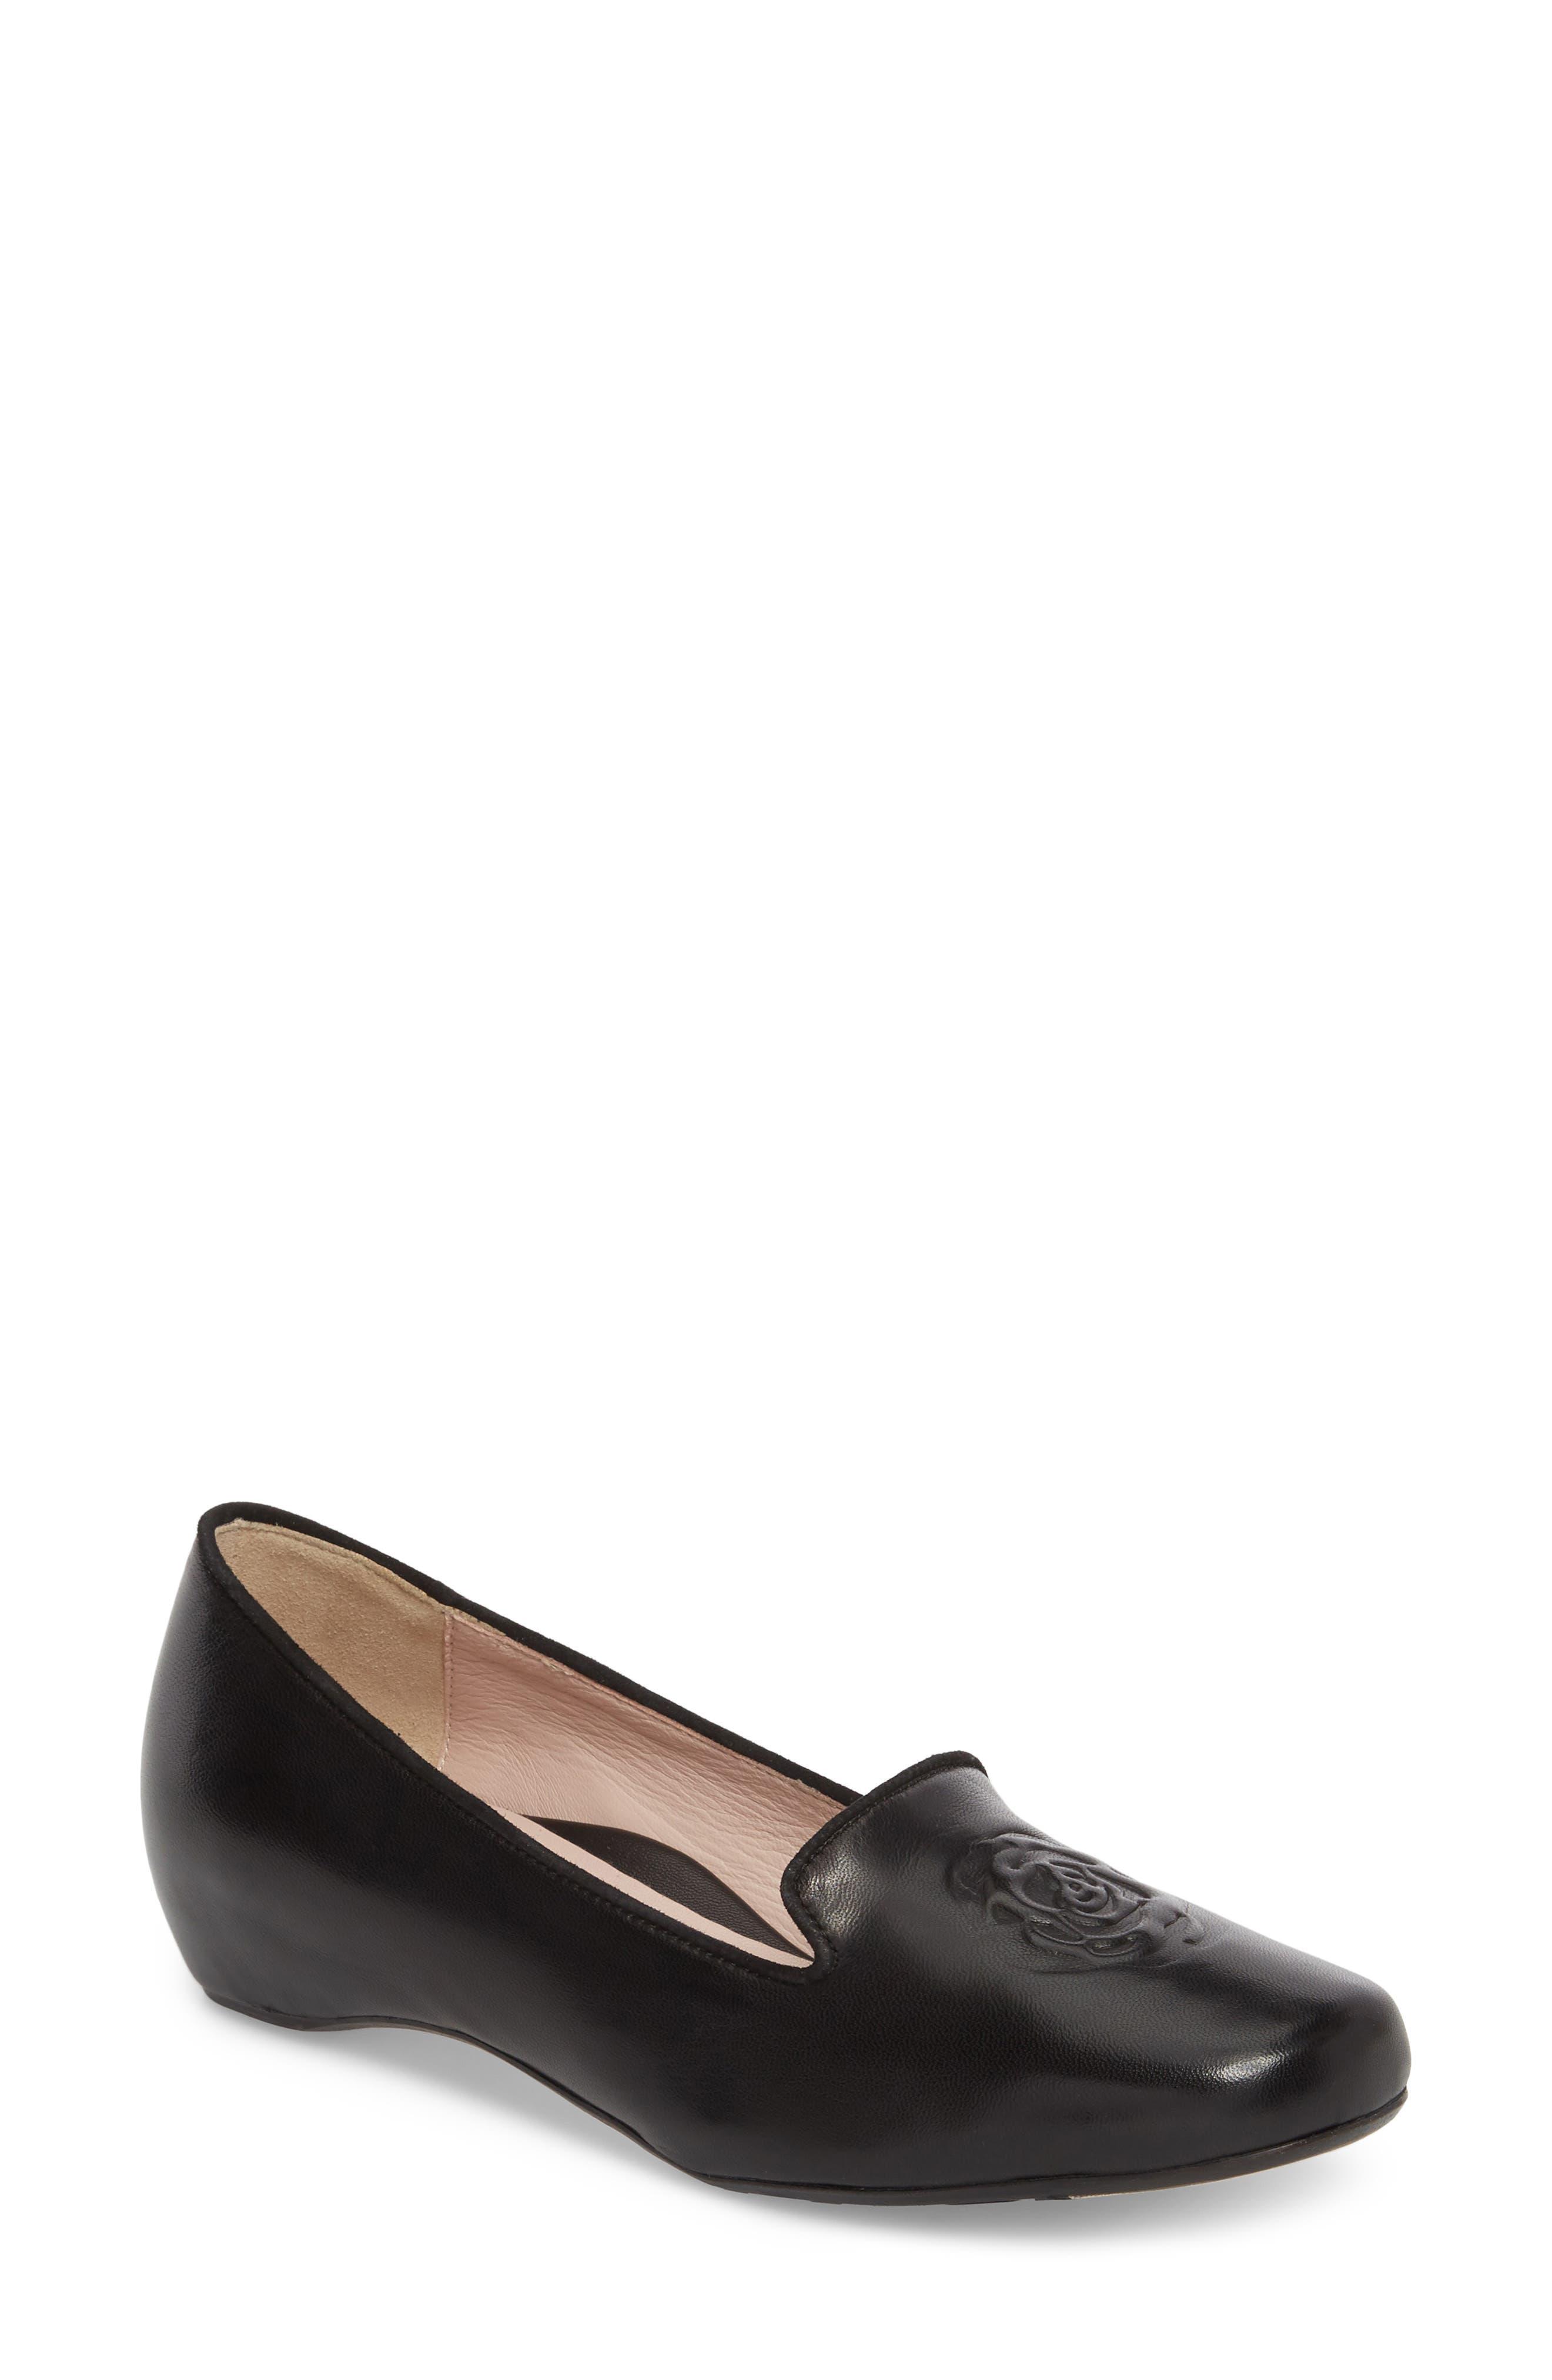 Taryn Rose Belissa Loafer,                         Main,                         color, Black Leather